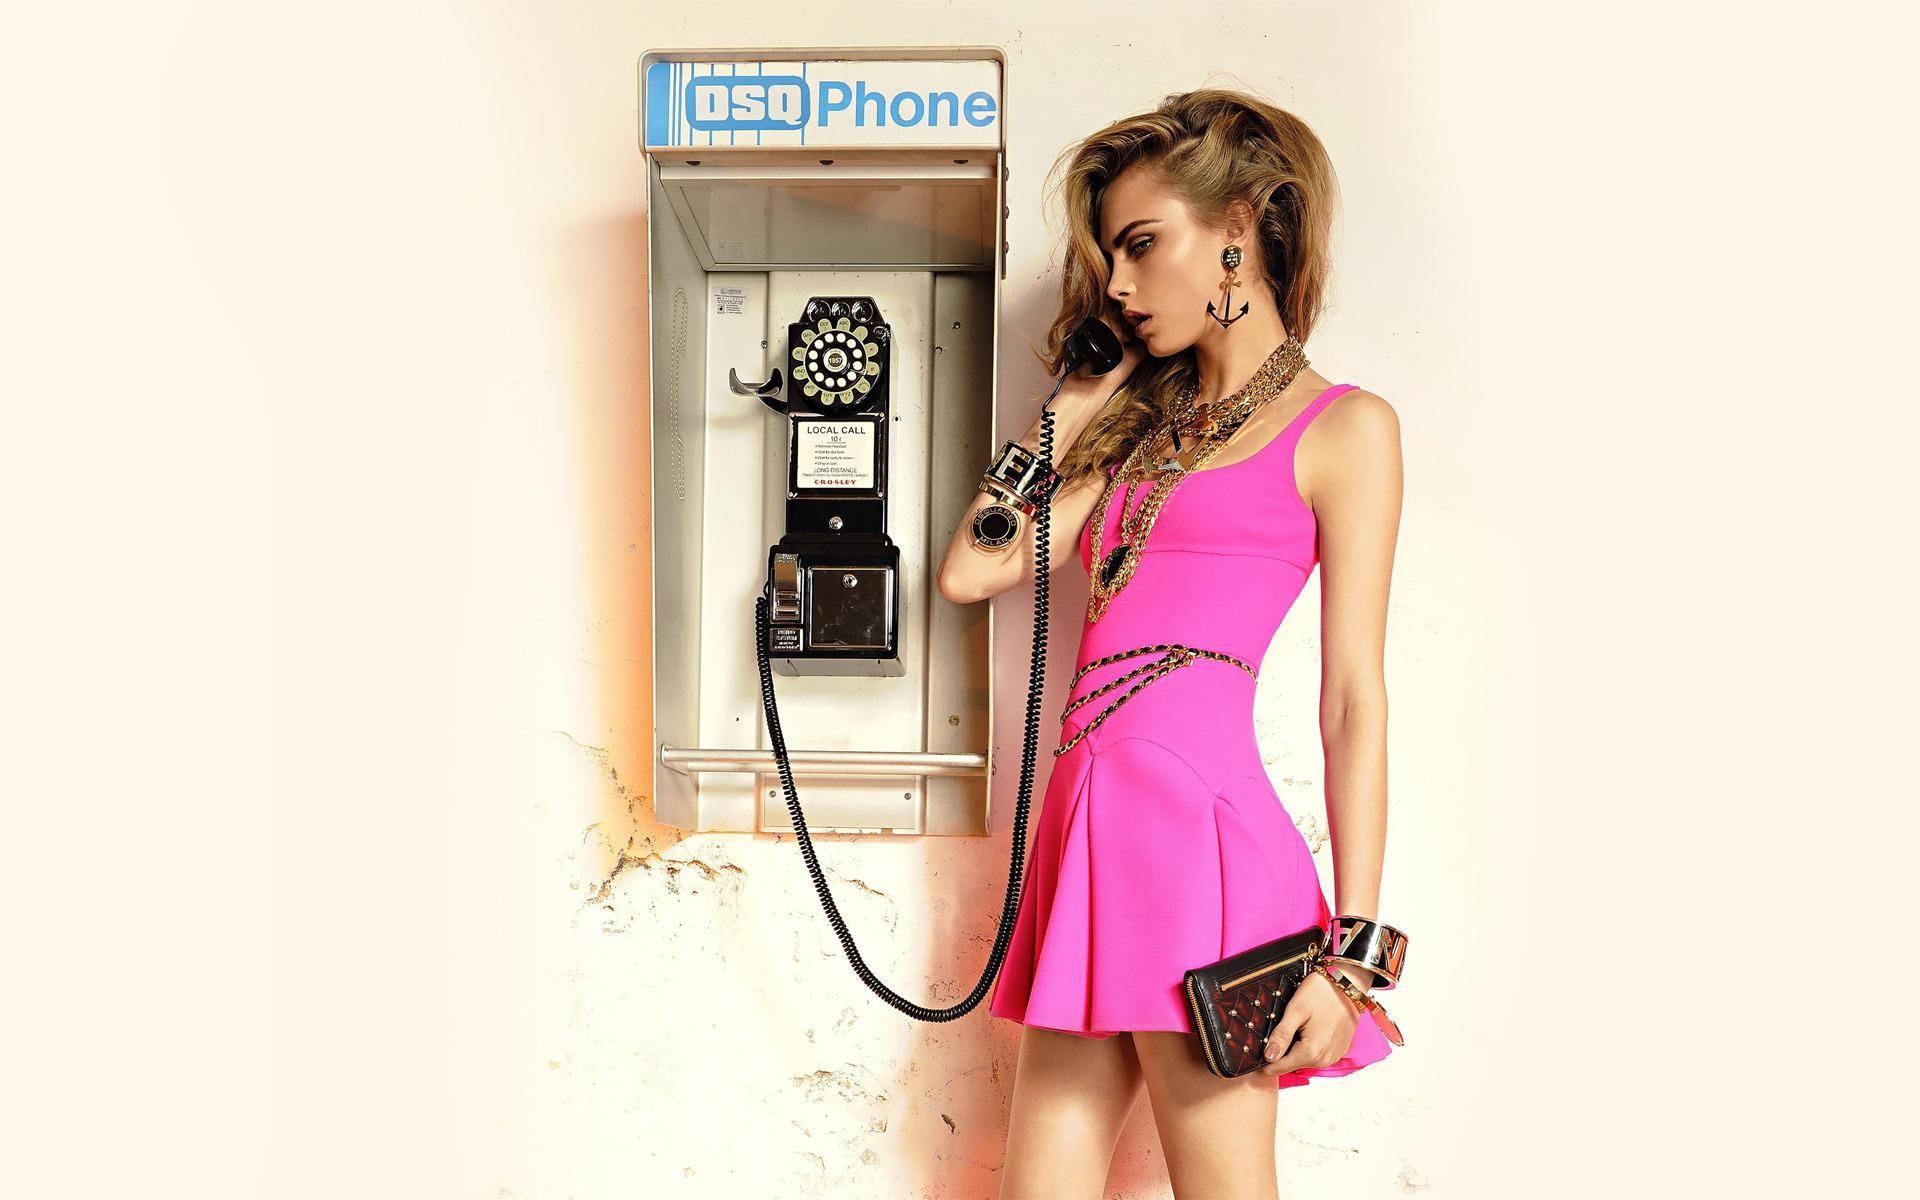 Фотки Девушек На Обои Телефона